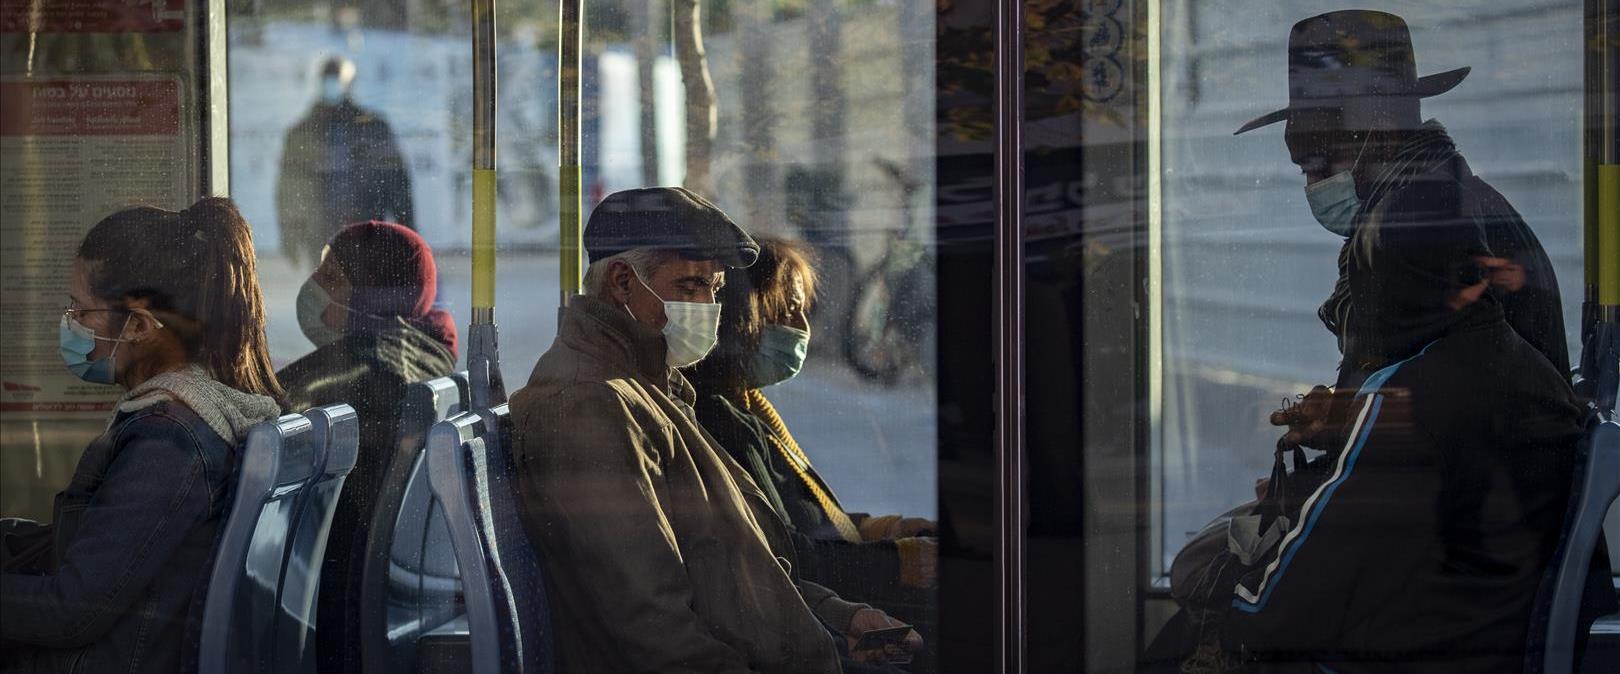 נוסעים ברכבת הקלה בירושלים עוטים מסכות